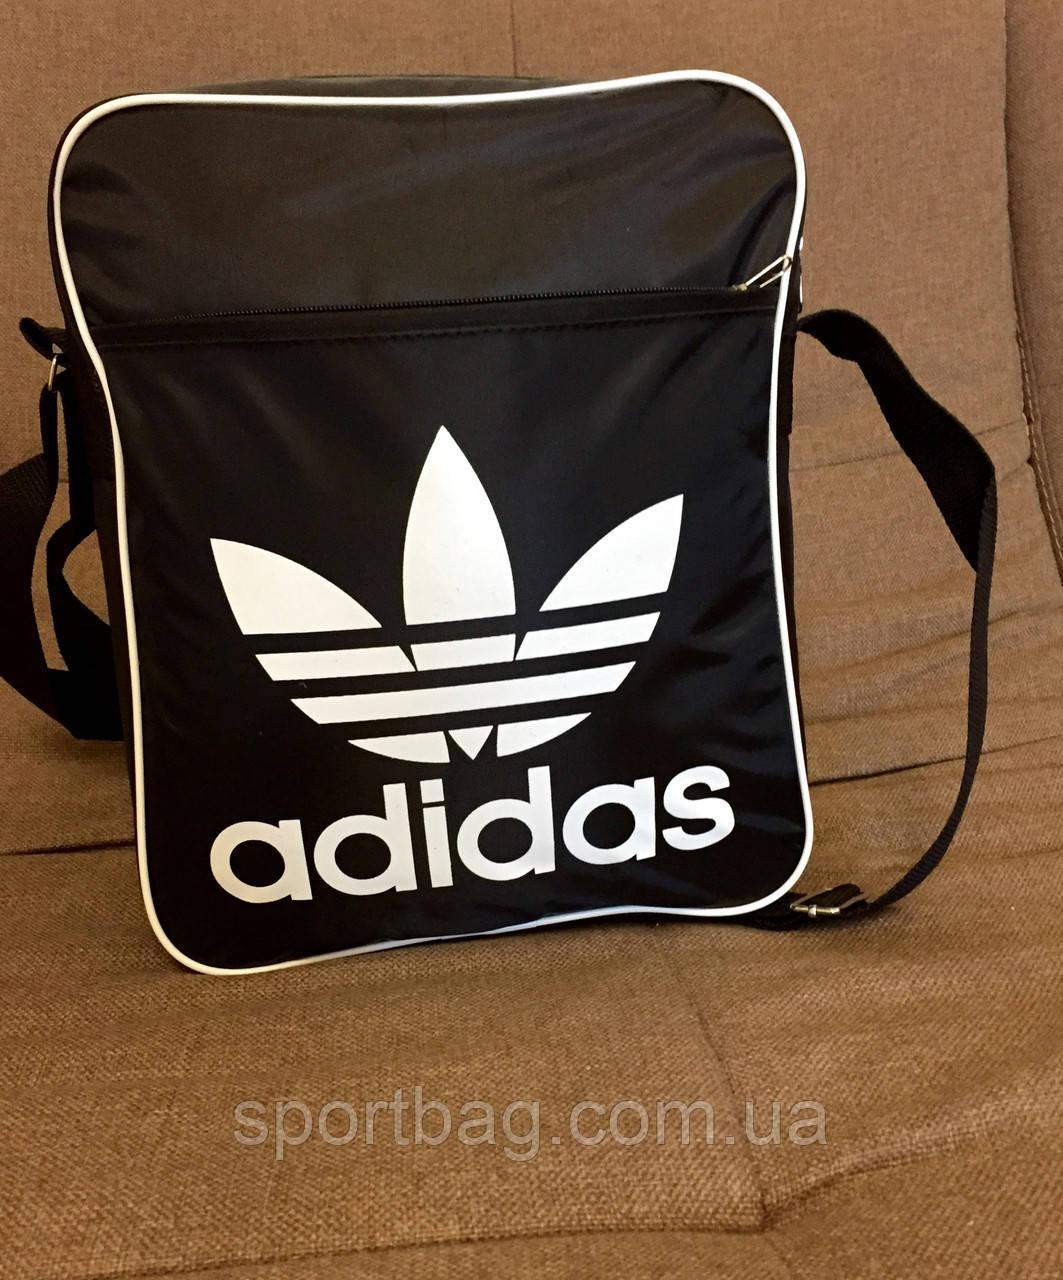 Планшет Adidas вертикальный - Интернет-магазин Sportbag.com.ua  Украина в Харькове